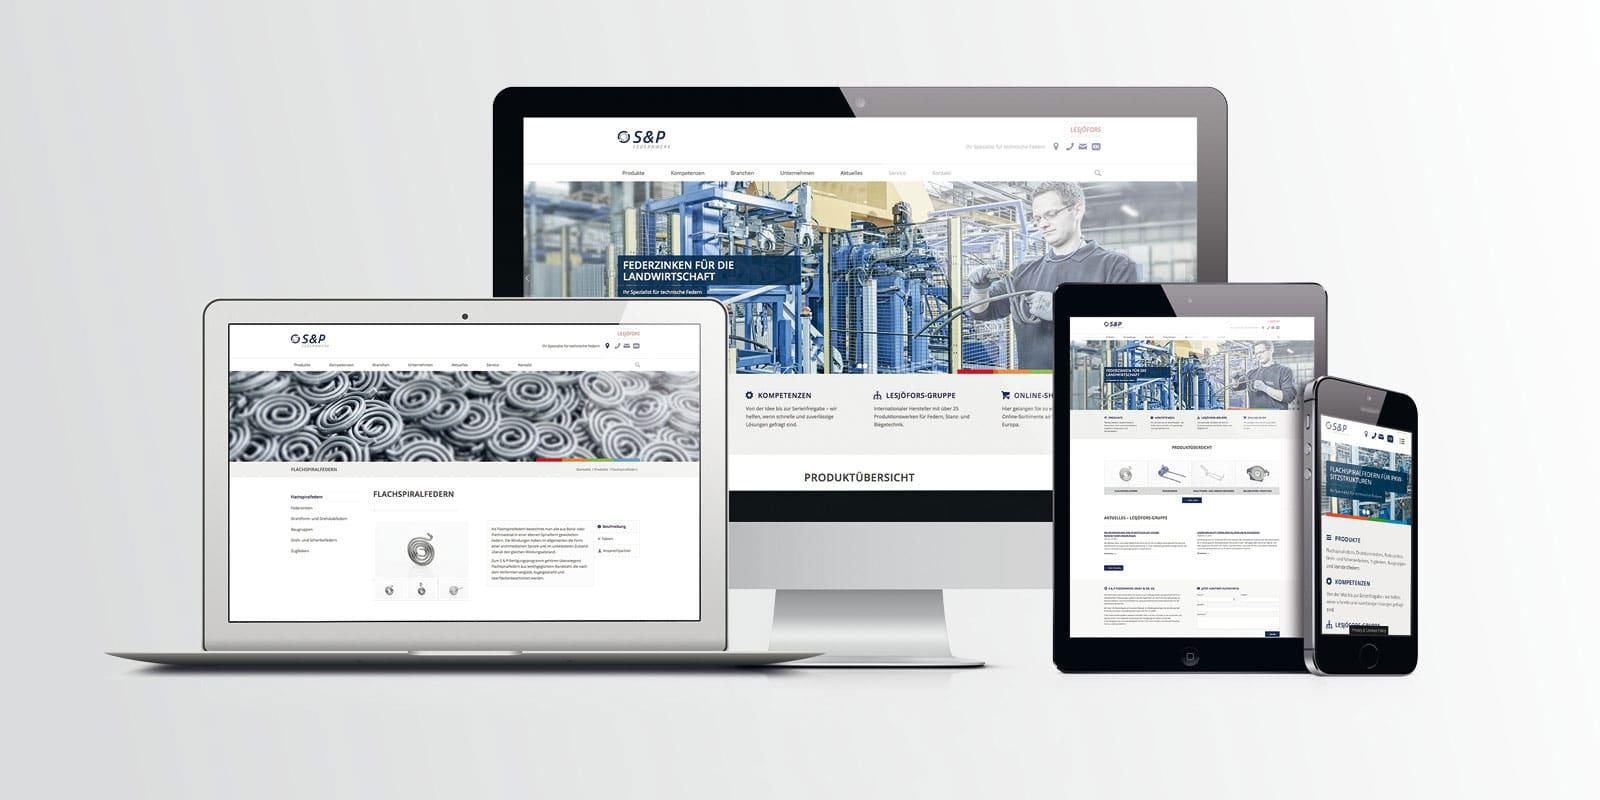 S & P Federnwerk – Corporate Website